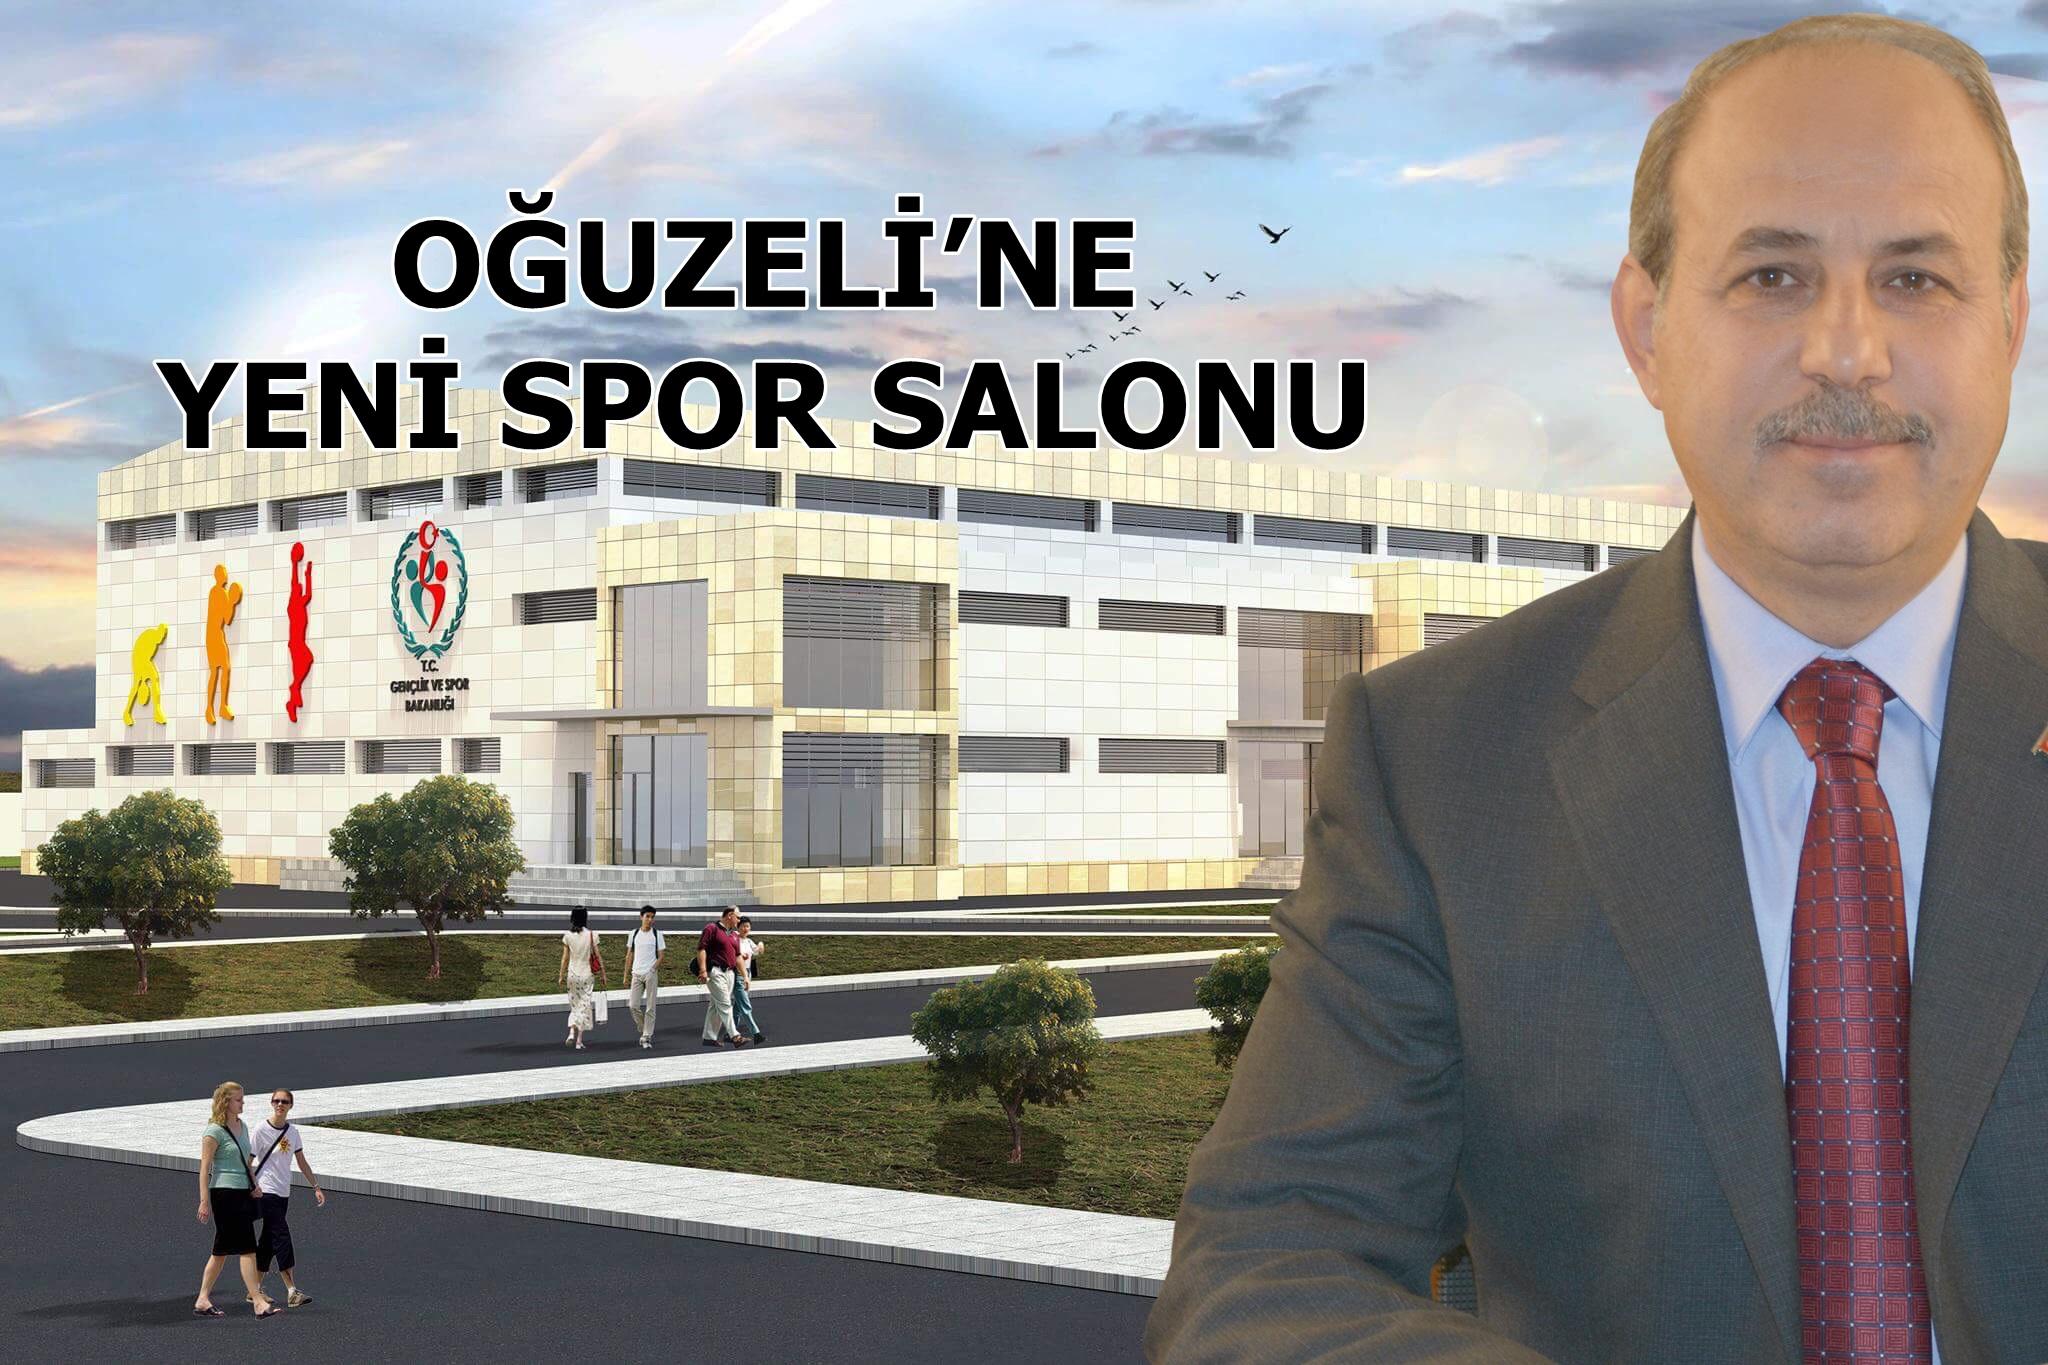 OĞUZELİ'NE YENİ SPOR SALONU